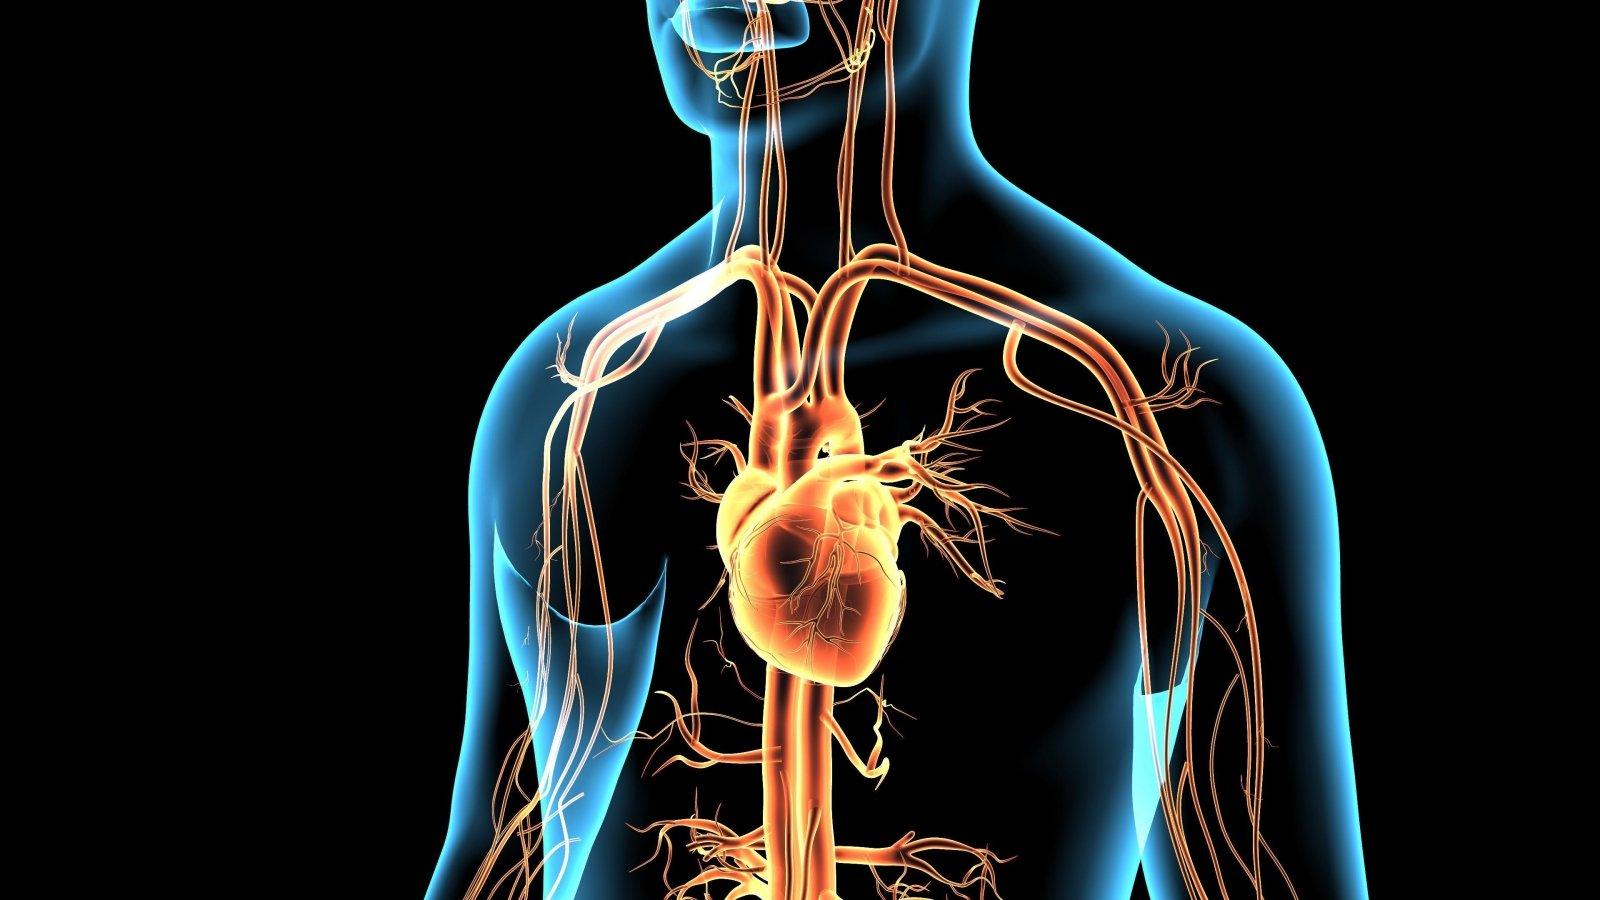 NSP paskaitos apie hipertenziją